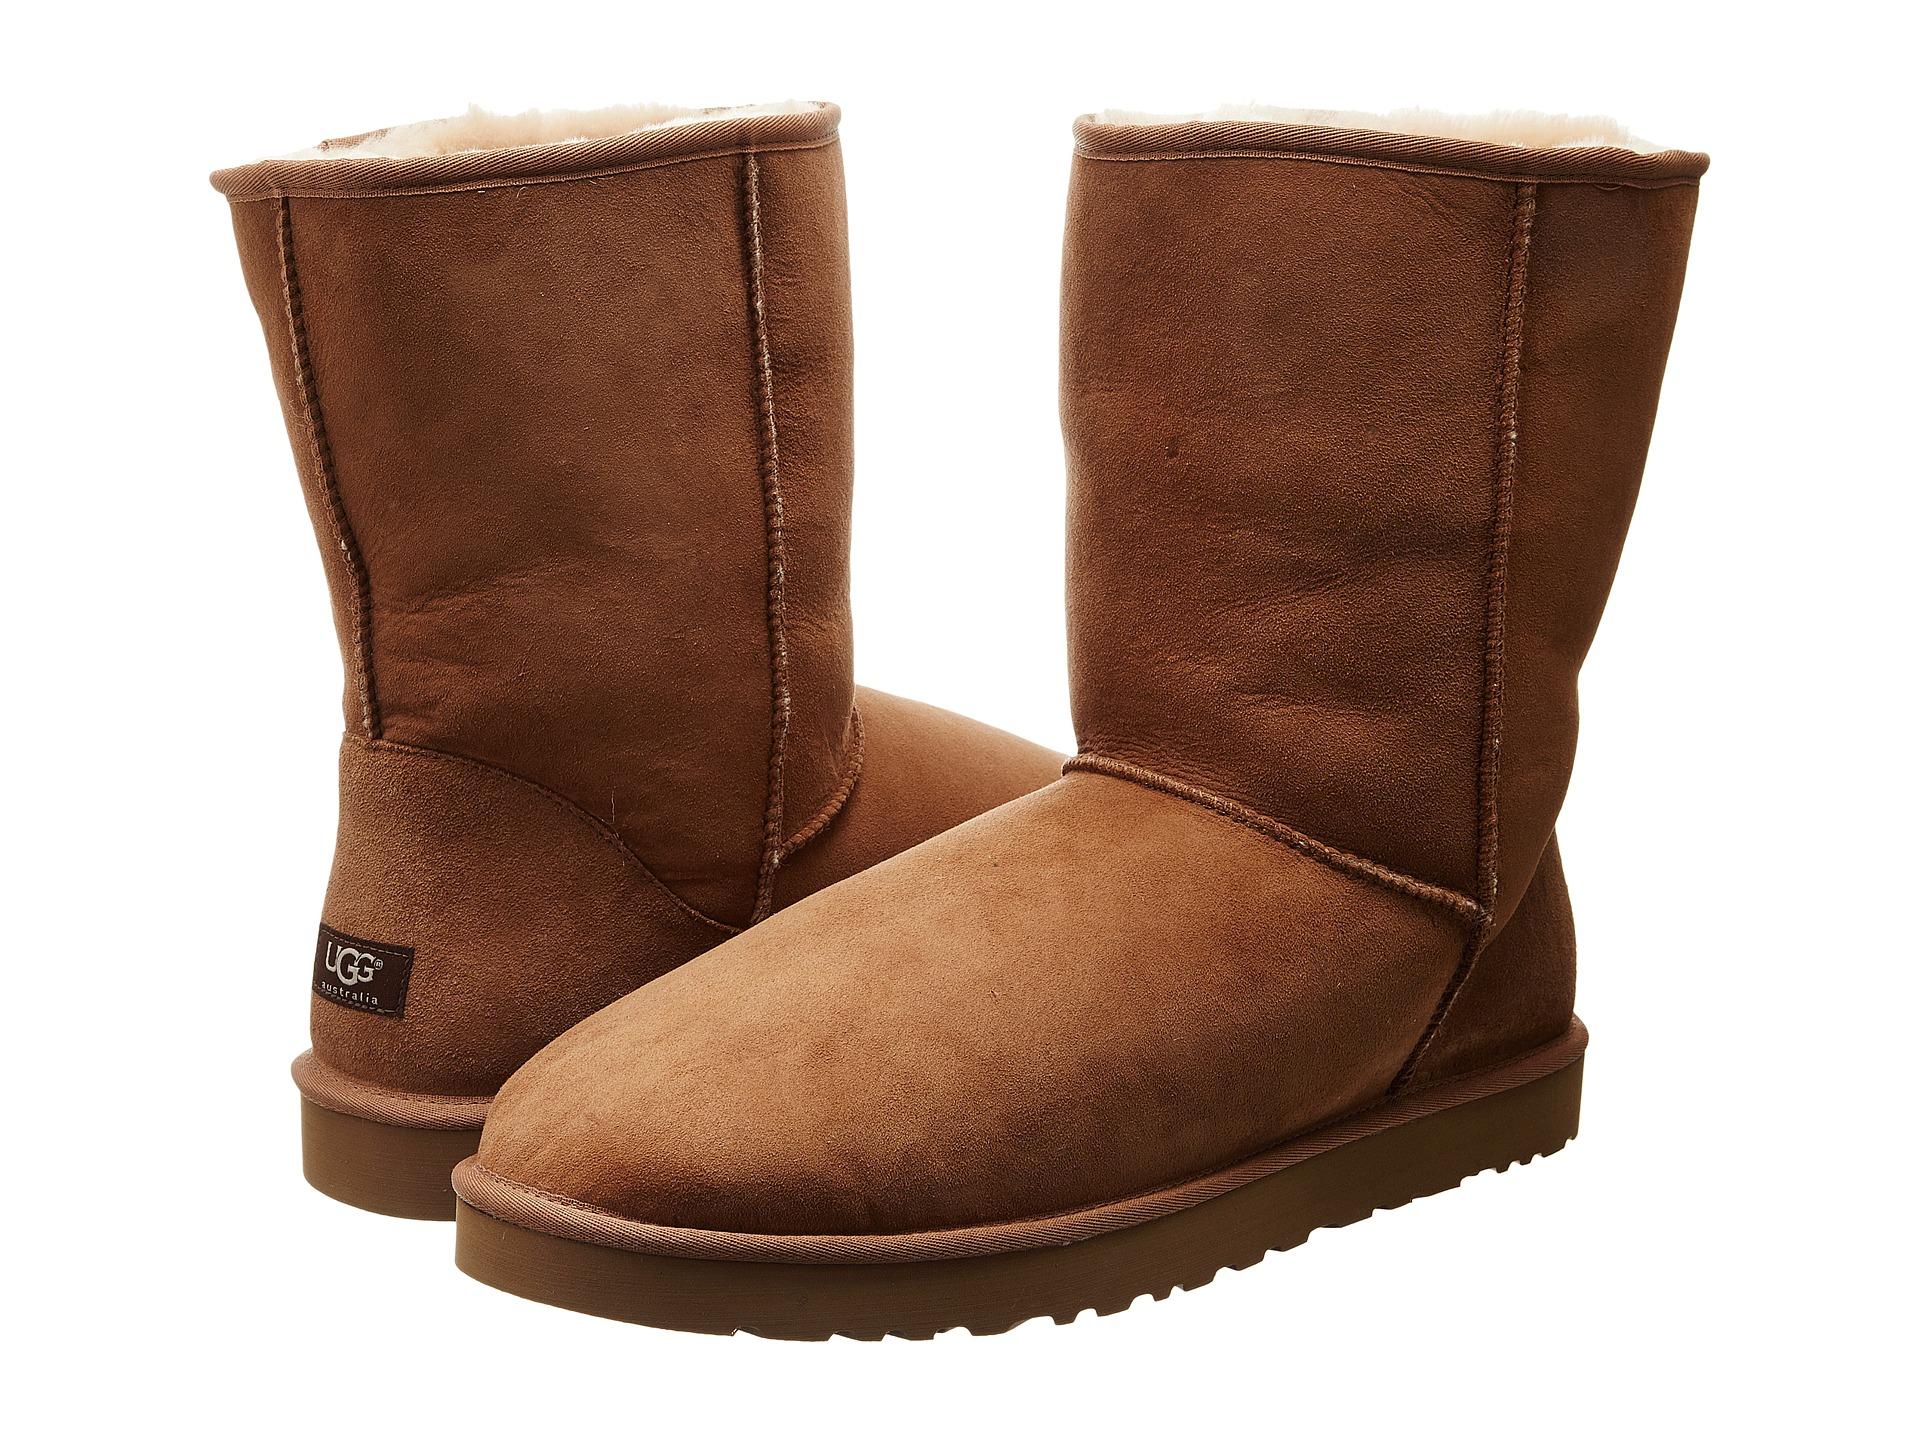 sheepskin boots mens chestnut ugg boots ugg classic short boots. Black Bedroom Furniture Sets. Home Design Ideas